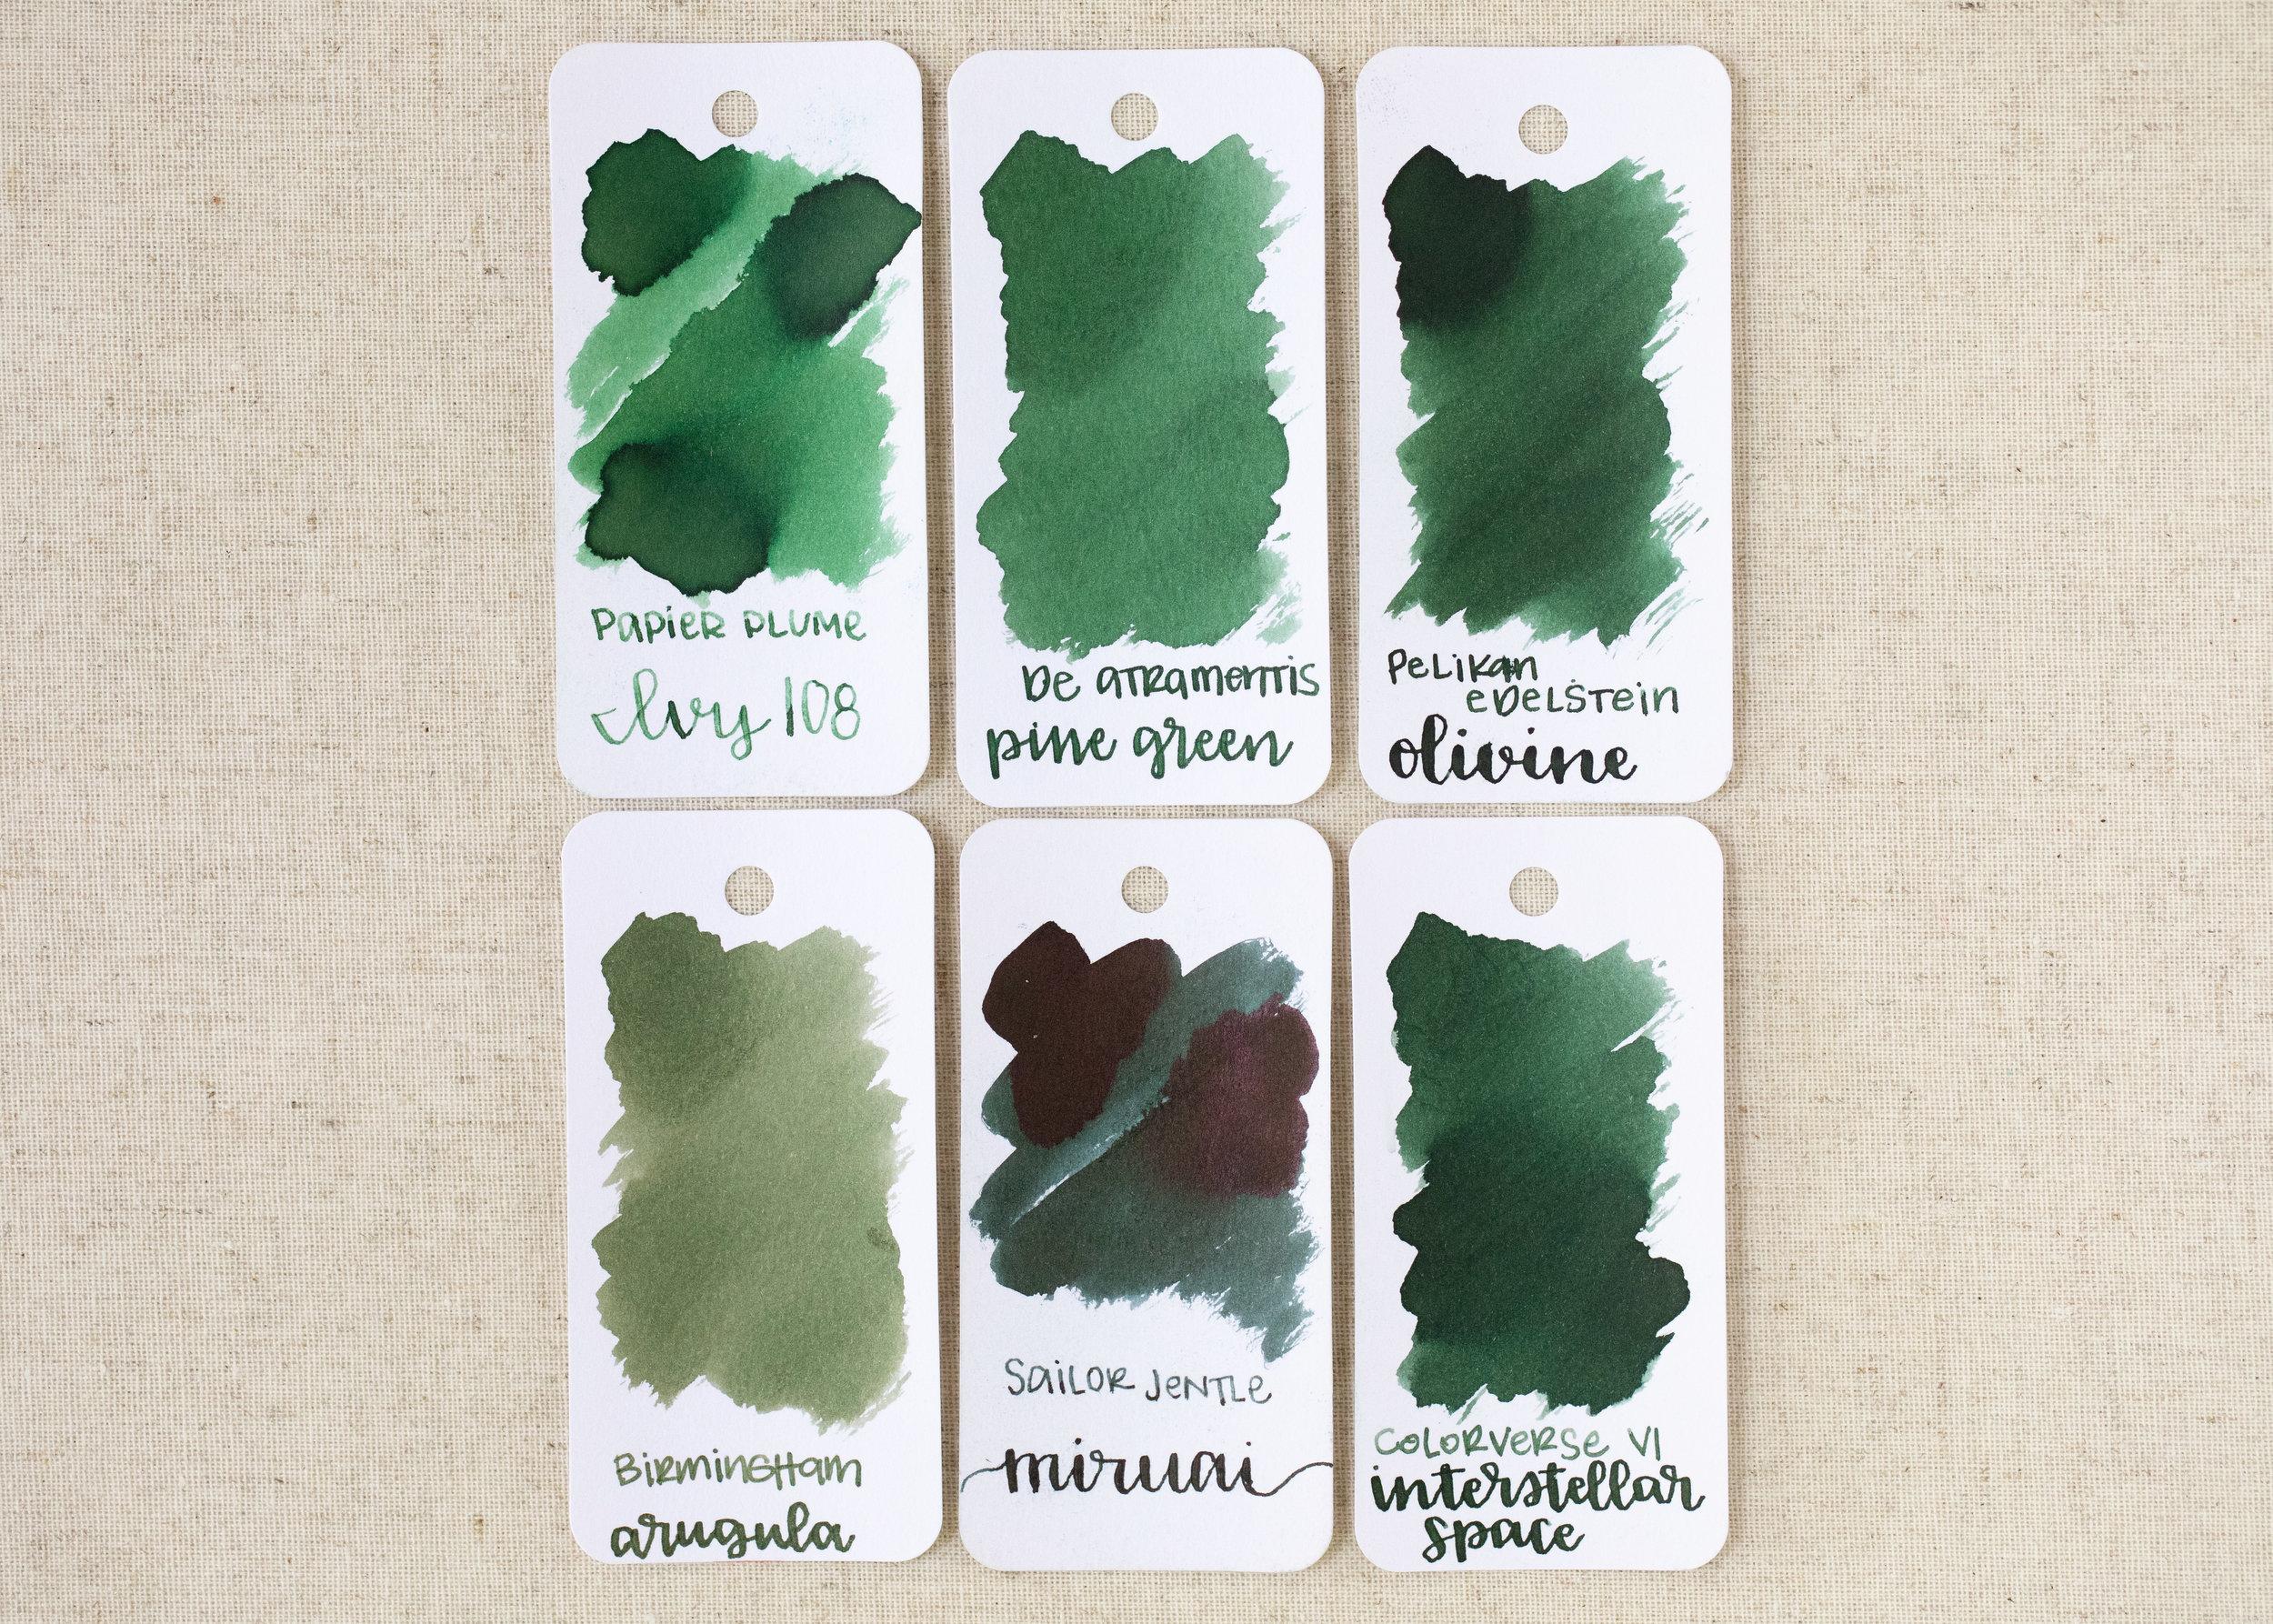 da-pine-green-s-1.jpg